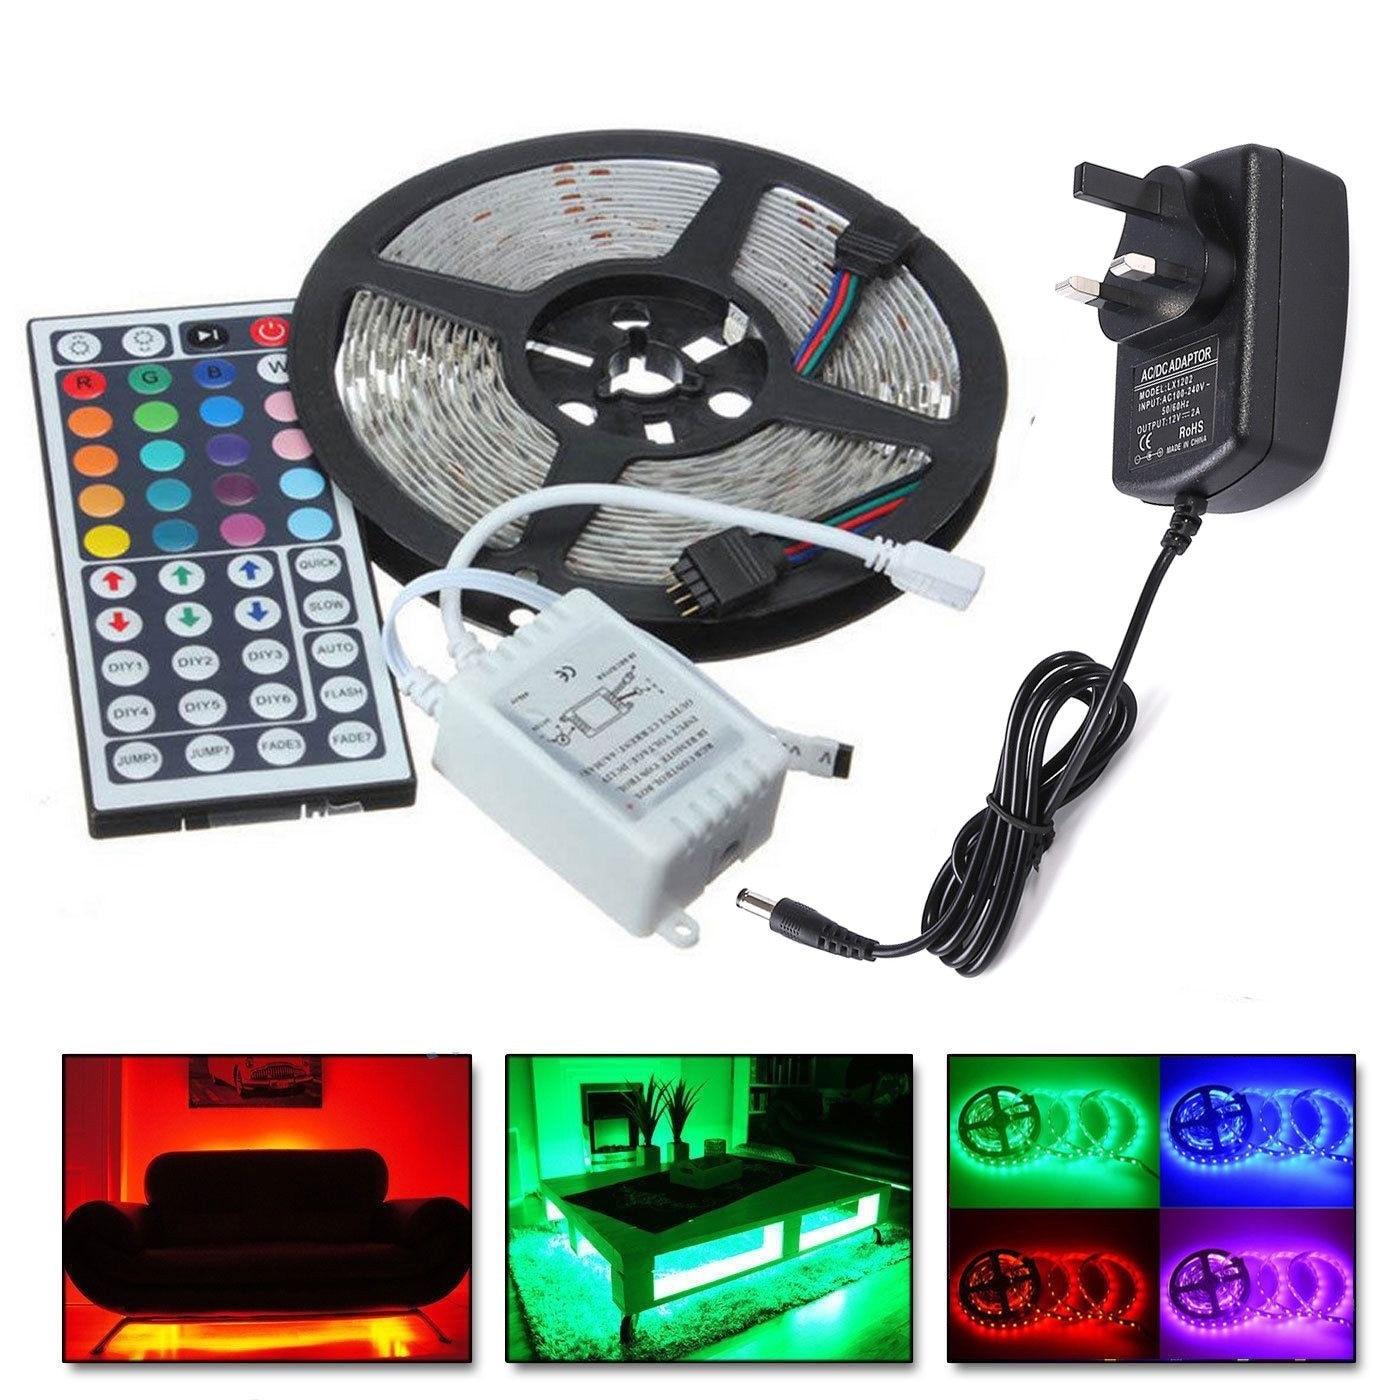 Tira de luces LED RGB SMD 3528, 5M, 10M, 300/600, con adaptador de 12V, mando a distancia 44Key